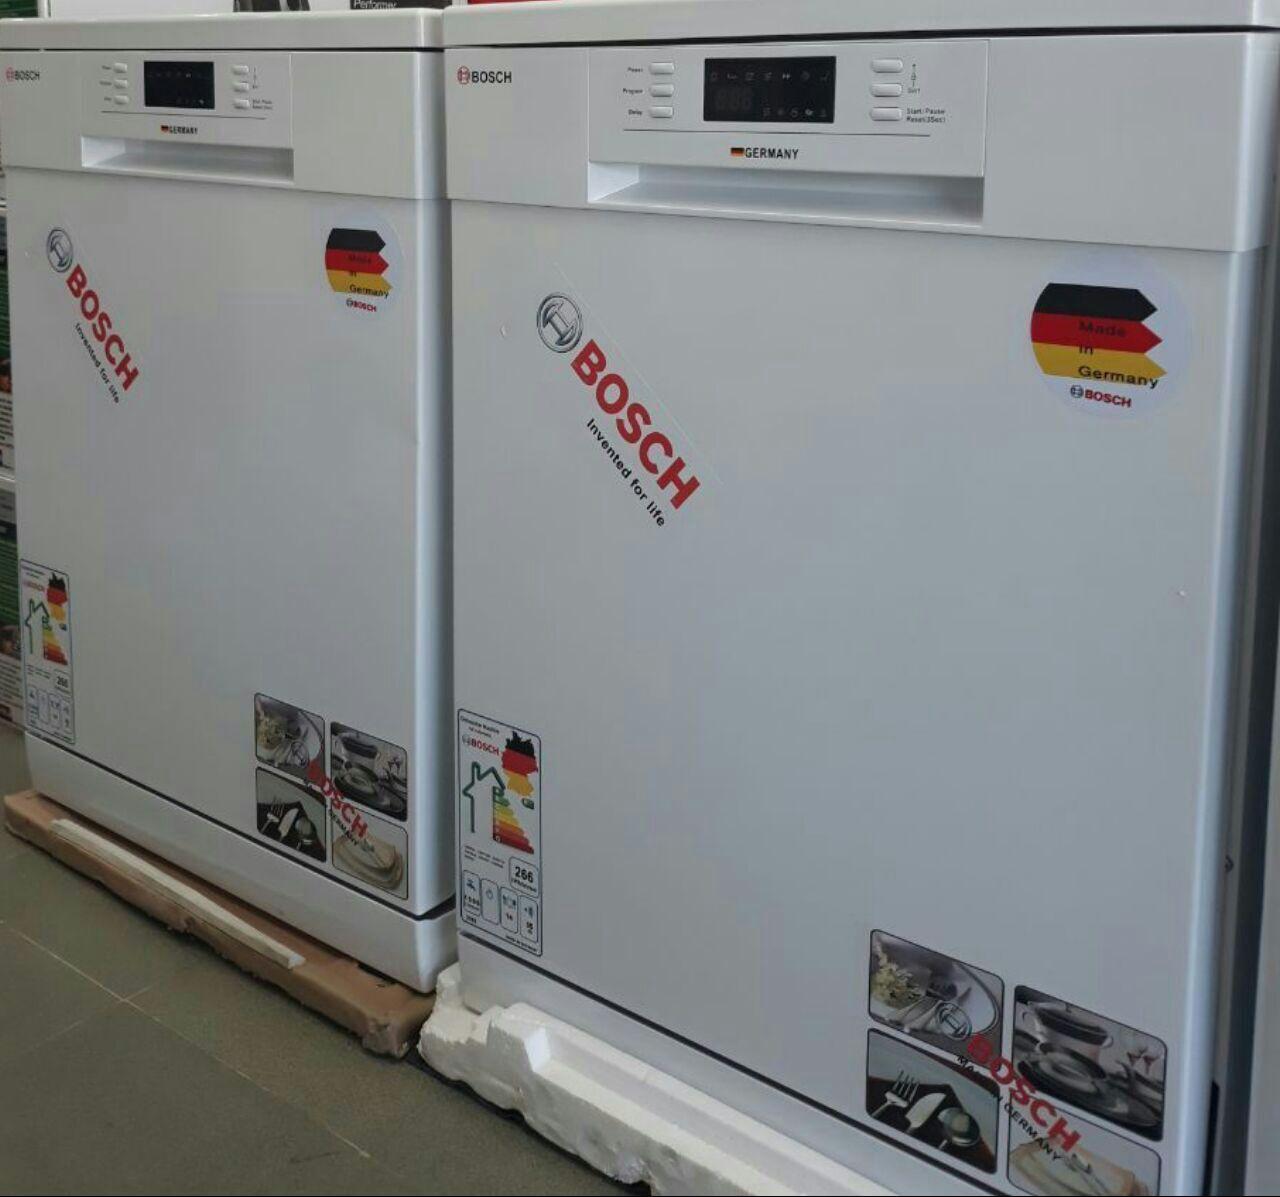 ماشین ظرفشویی 14 نفره بوش با نمایشگر دیجیتالی و برنامه متنوع شستشو